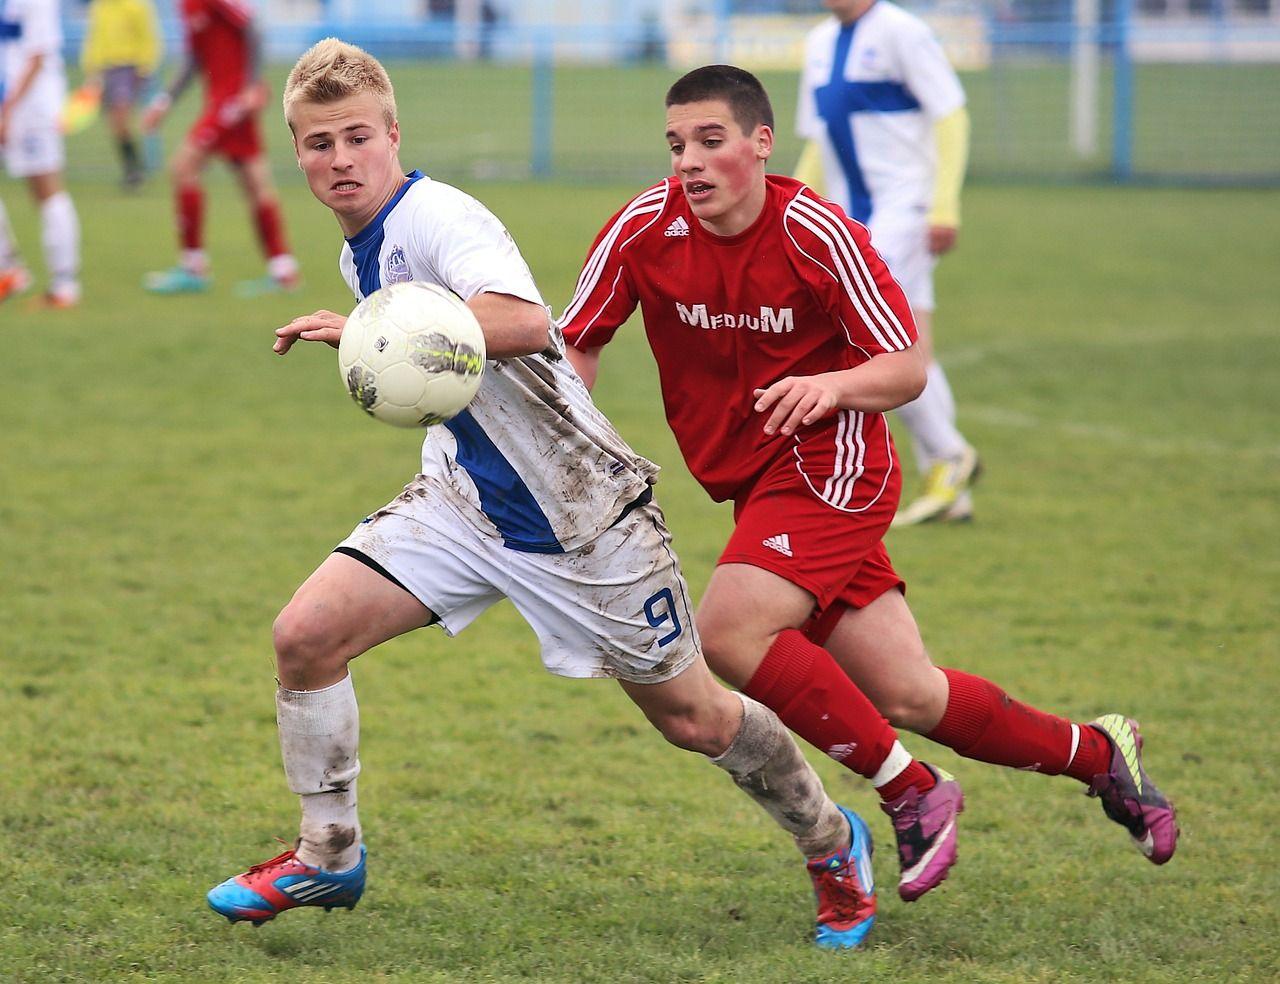 ejercicios para mejorar resistencia en futbol